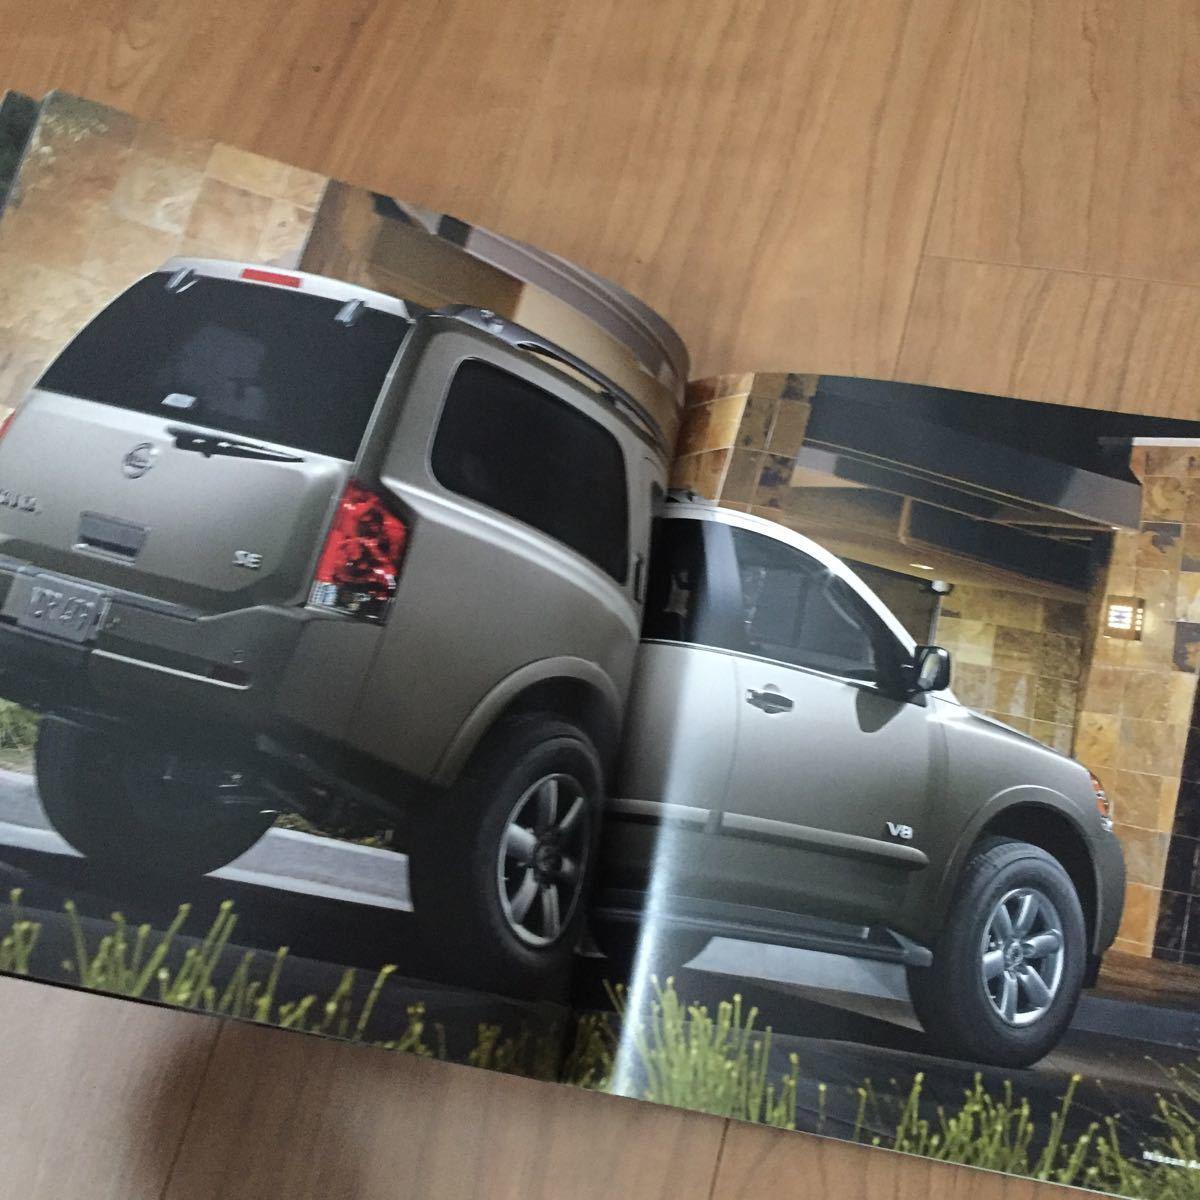 2008 日産 ニッサン アルマーダ Armada アルマダ カタログ USA アメリカ 雑貨 SUV 逆輸入 インフィニティ 広告_画像7